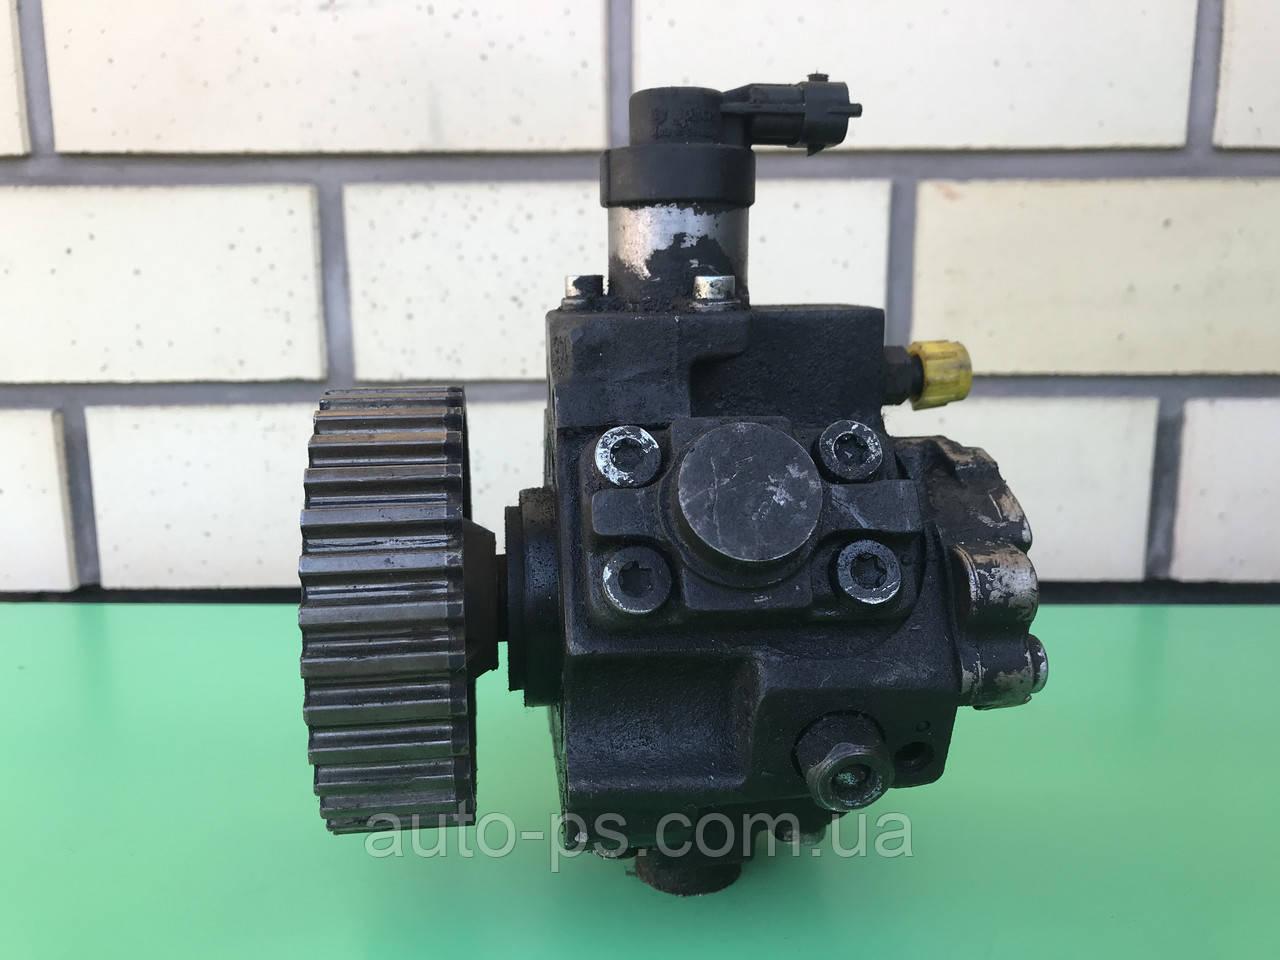 Топливный насос высокого давления (ТНВД) MINI R56 Cooper D 1.6D 2006-2010 год.